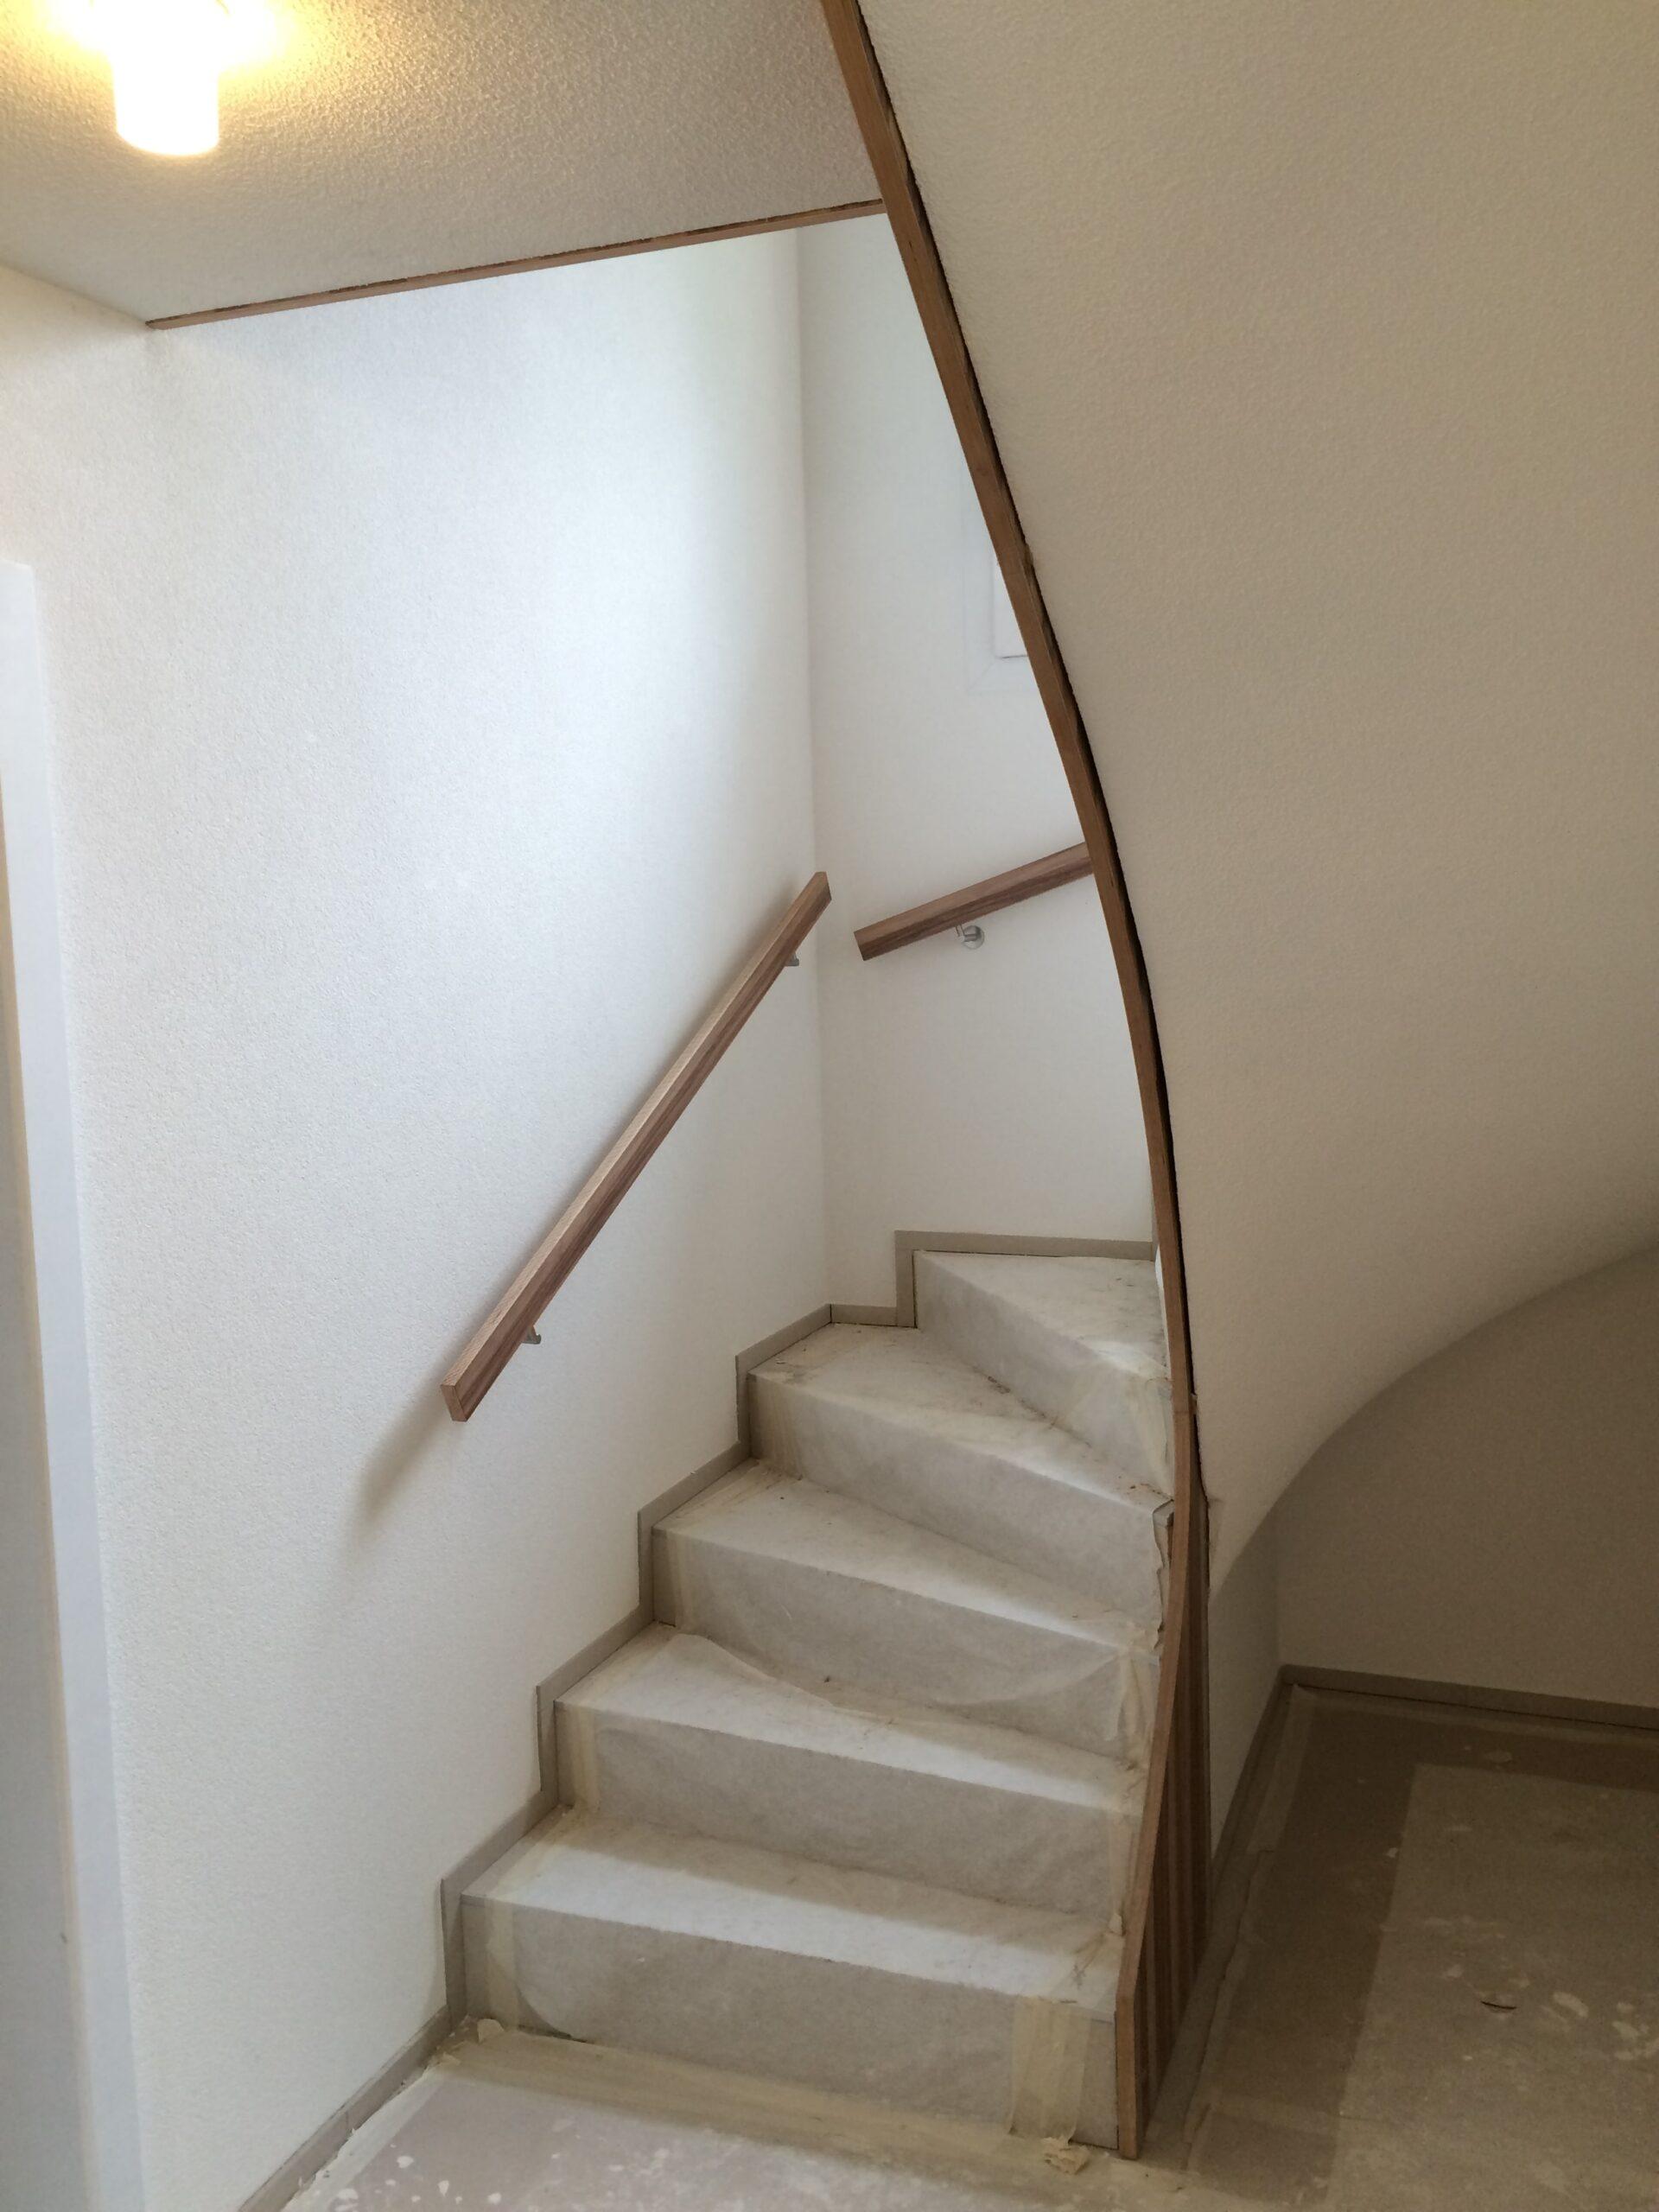 Wooddesign_Treppen_Teppengeländer__Treppenverkleidung_ovale runde Löcher (7)-min